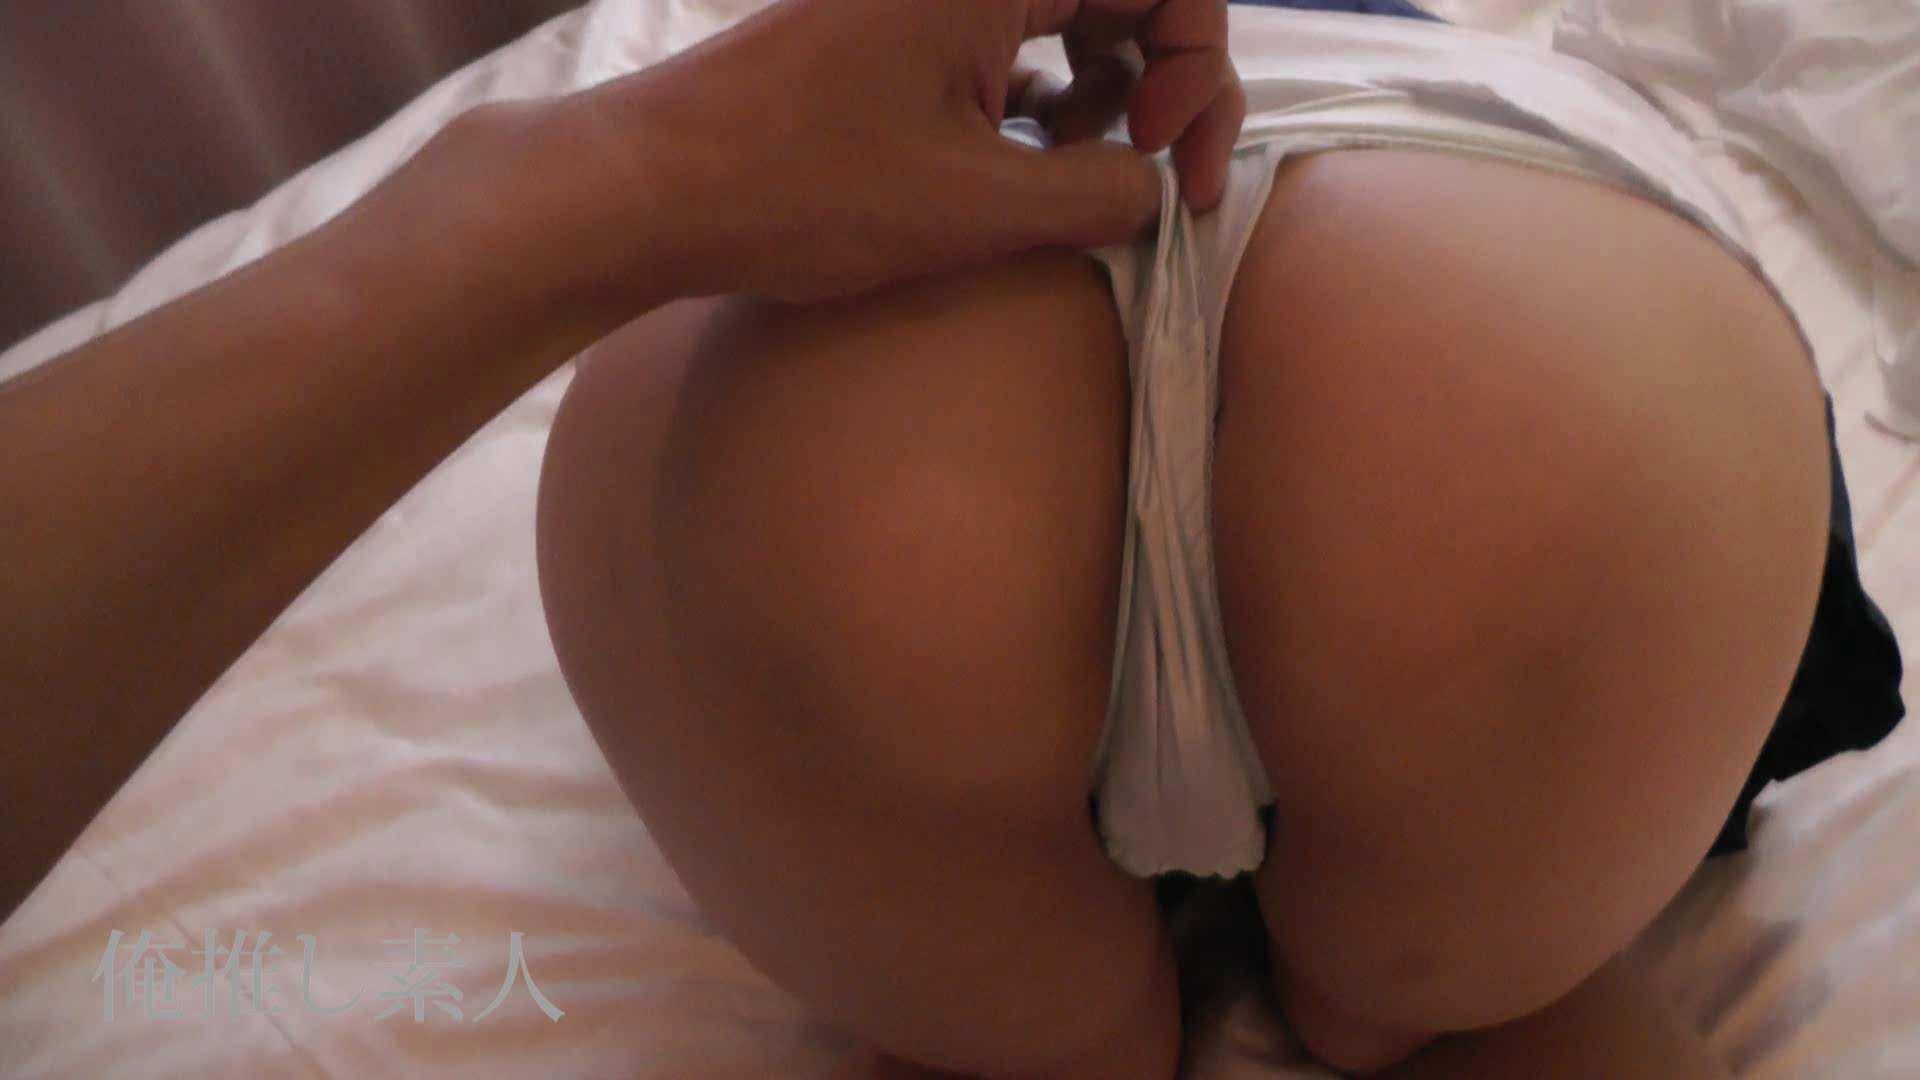 俺推し素人 EカップシングルマザーOL30歳瑤子vol4 Hな人妻 | 素人  98pic 16